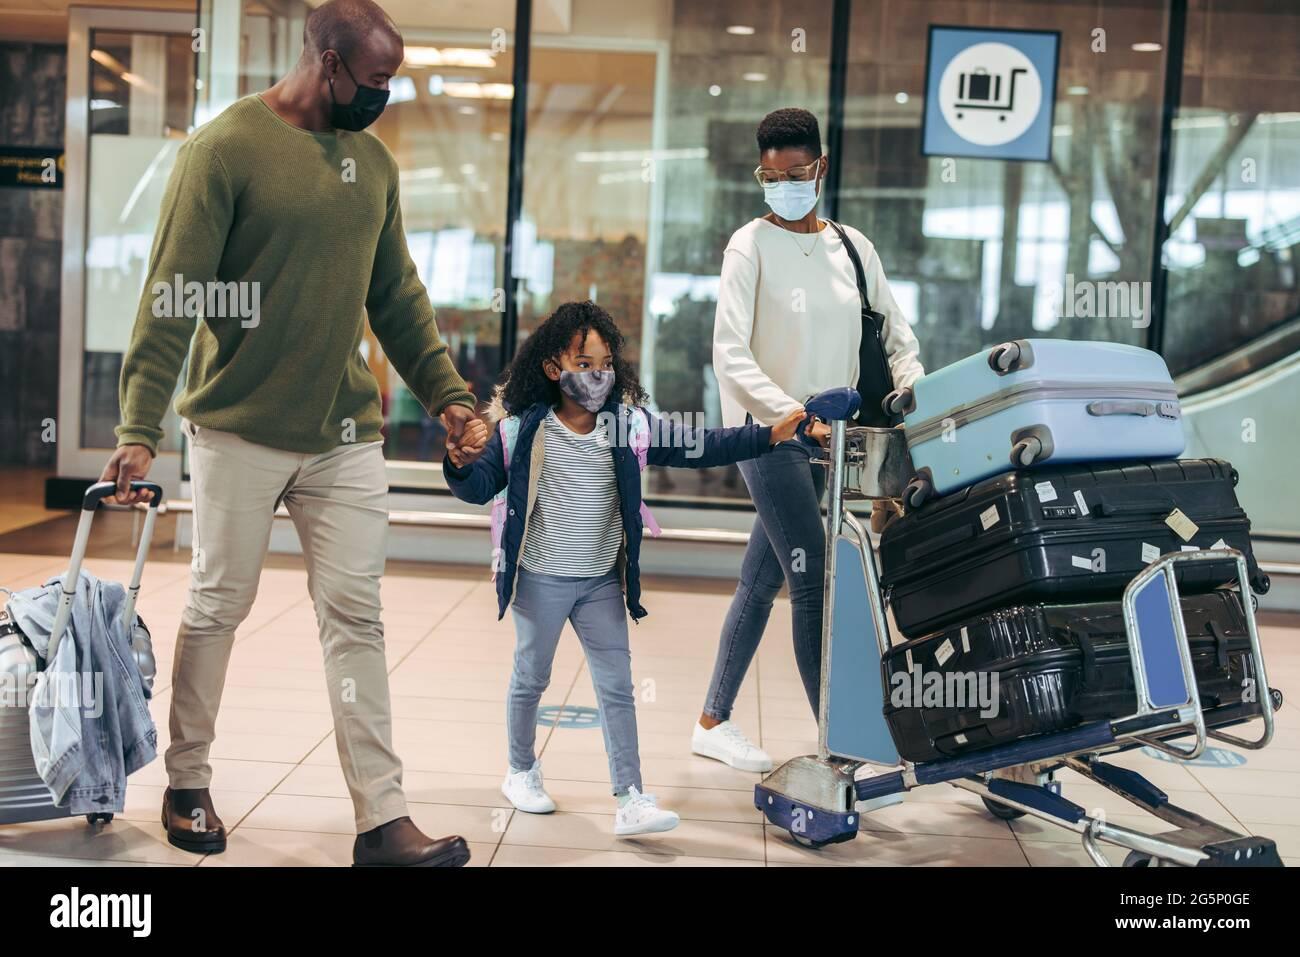 Homme et femme avec une jeune fille voyageant pendant une pandémie à l'aéroport. Famille africaine de trois personnes marchant au terminal de l'aéroport portant des masques. Banque D'Images